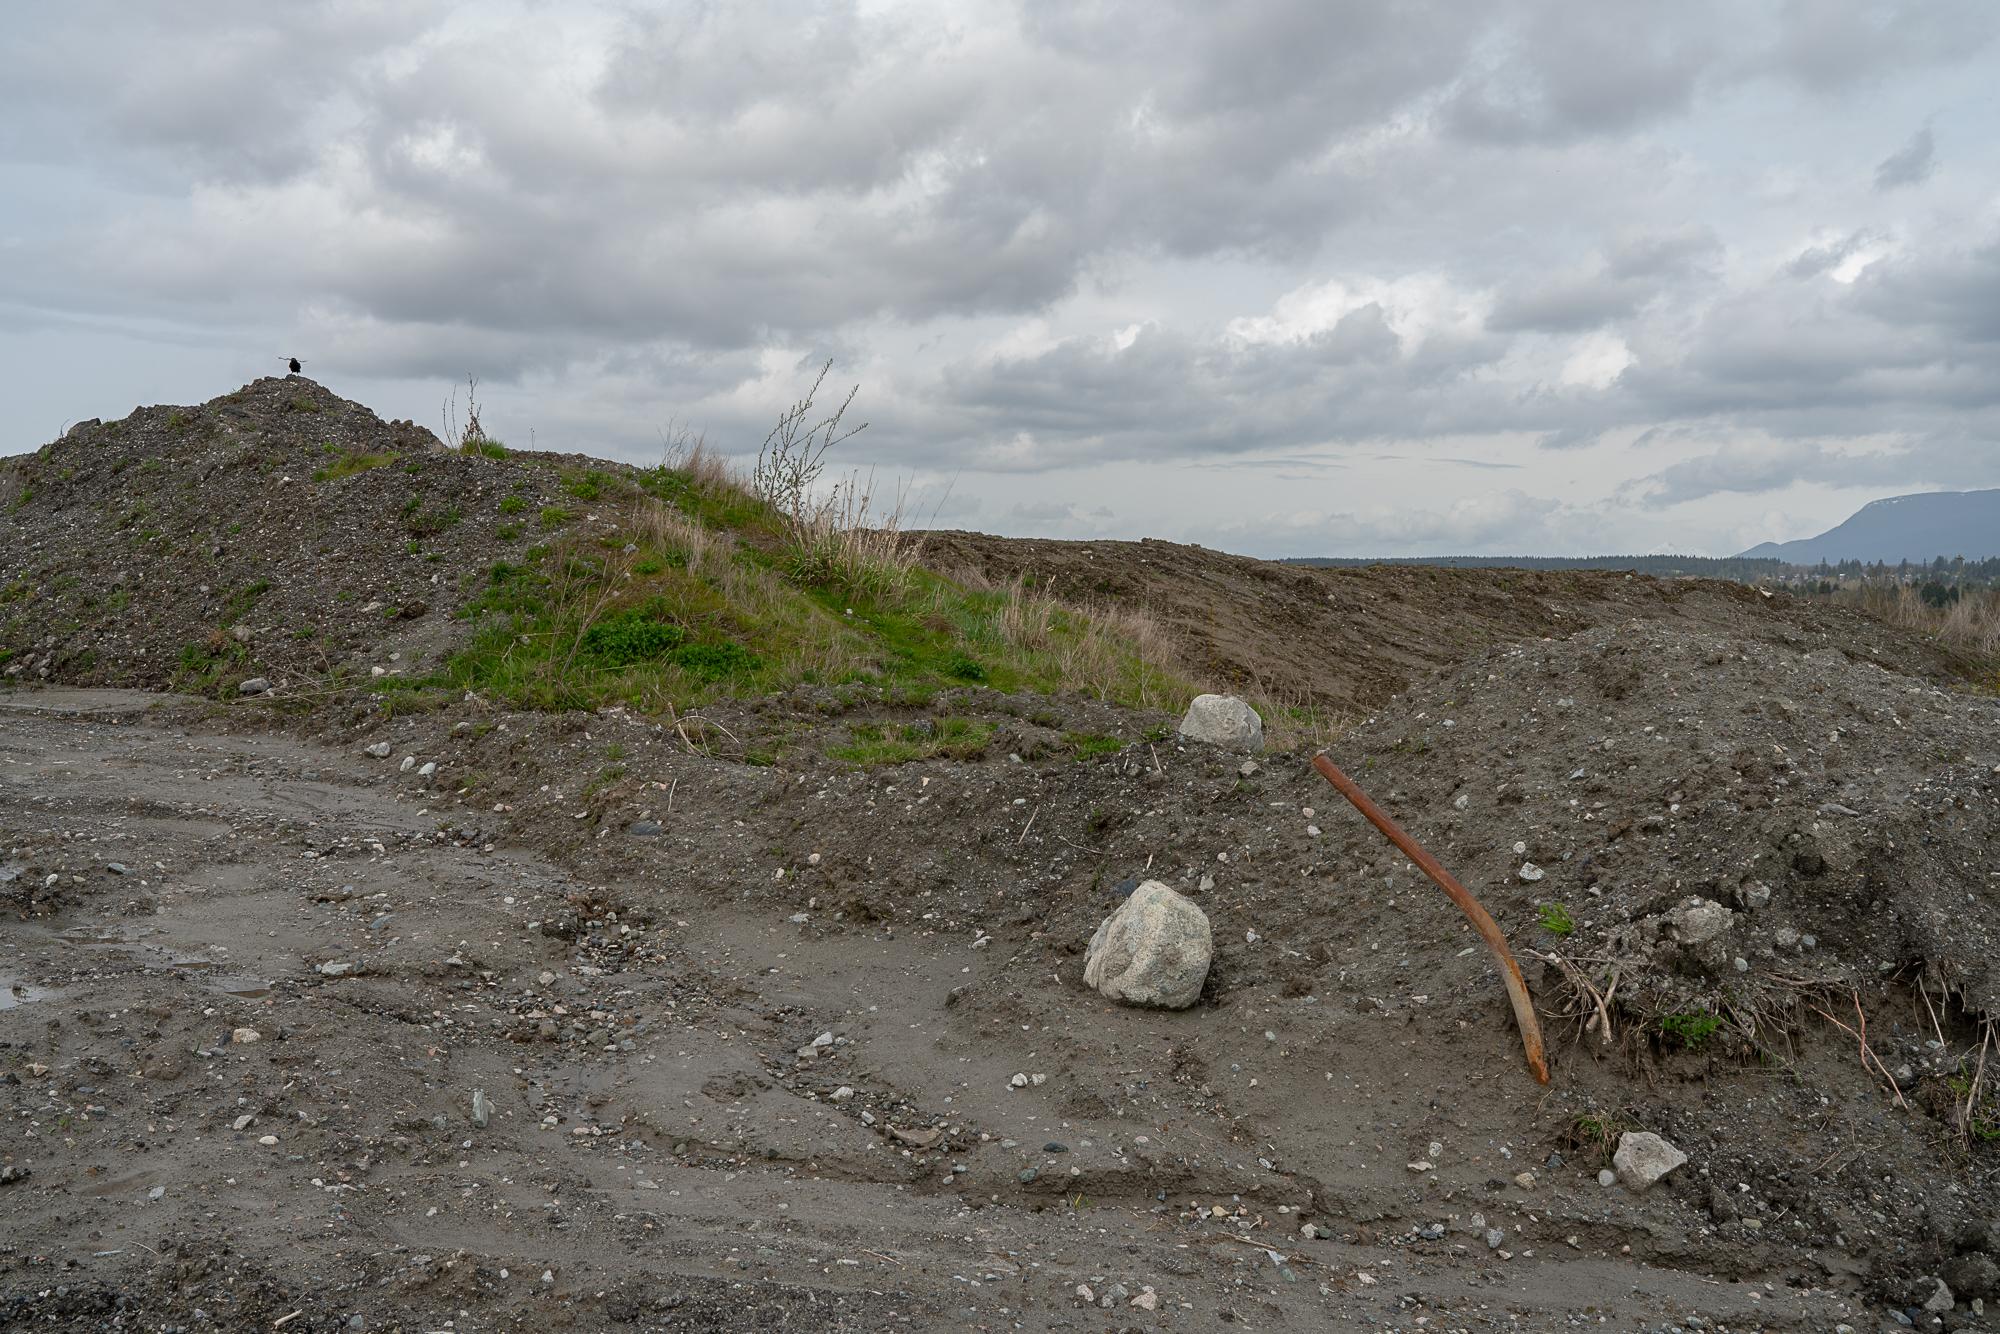 Jim-Roche-photo-Island-0030.jpg